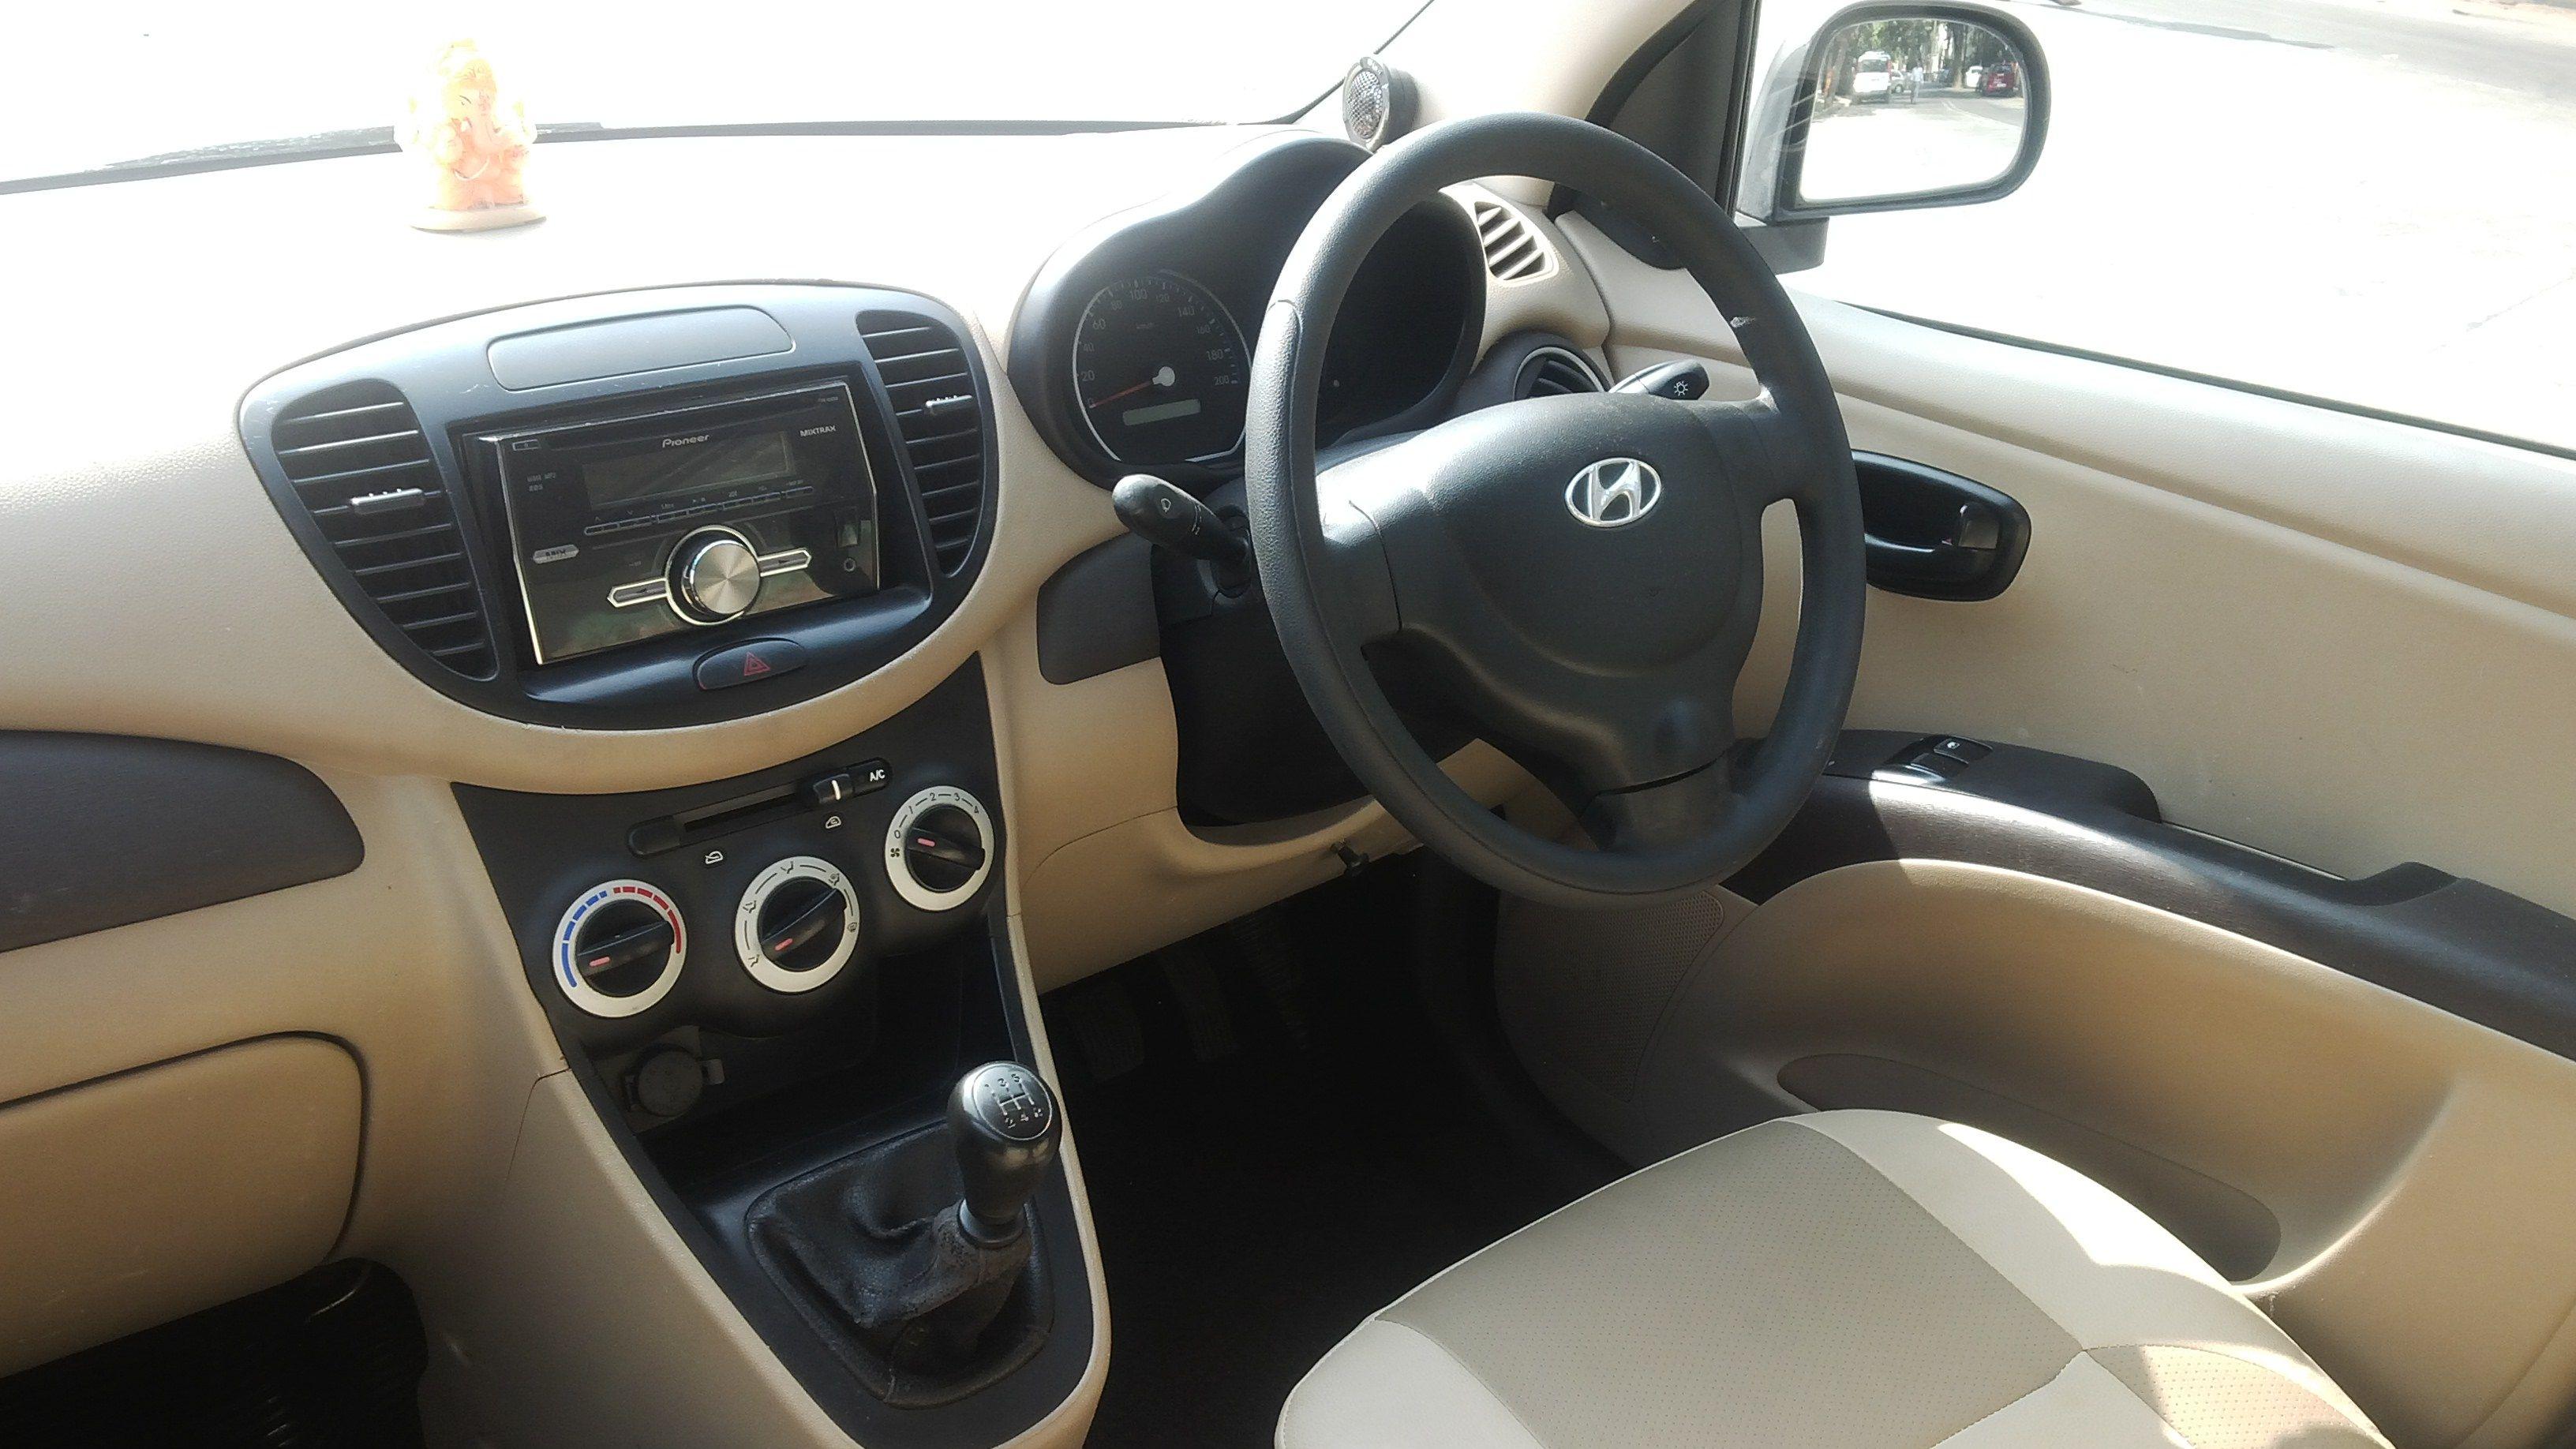 Hyundai I10 For Sale In Mumbai Hyundai Models Small Cars In Mumbai